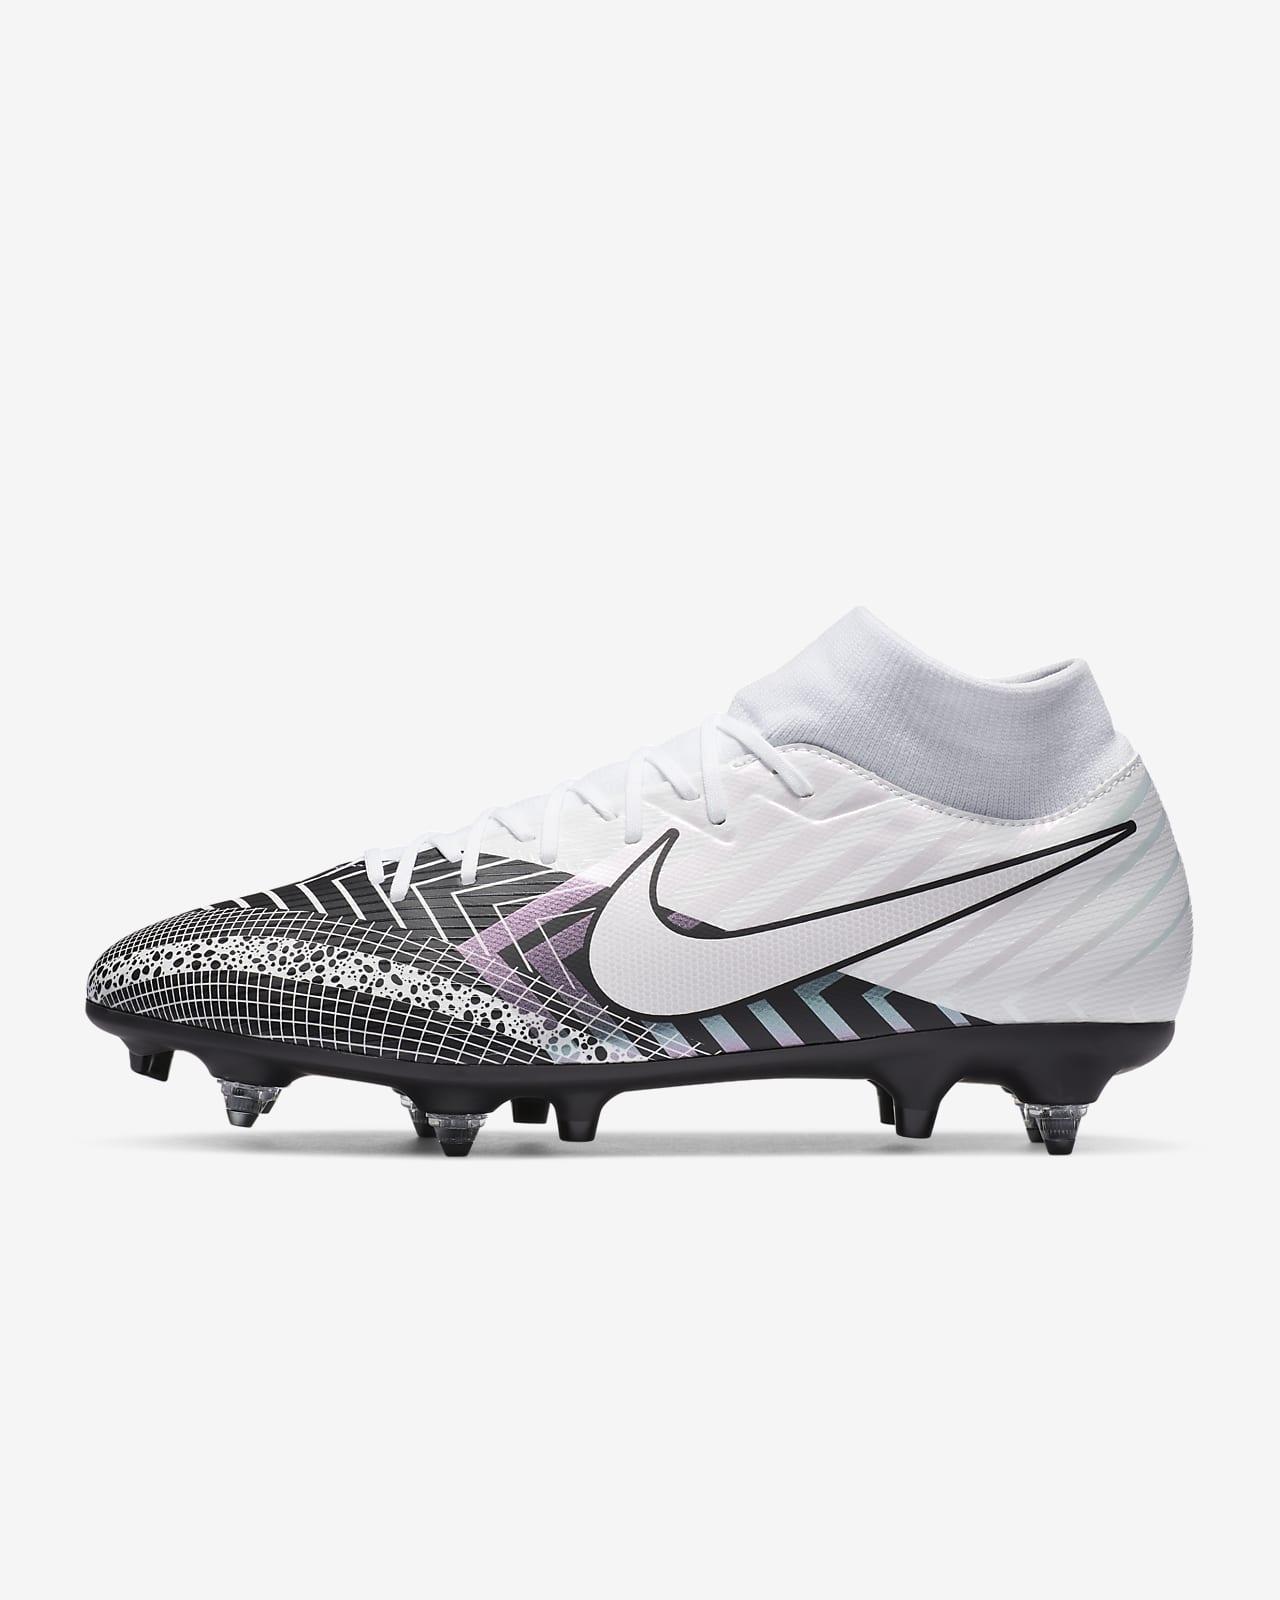 Футбольные бутсы для игры на мягком грунте Nike Mercurial Superfly 7 Academy MDS SG-PRO Anti-Clog Traction